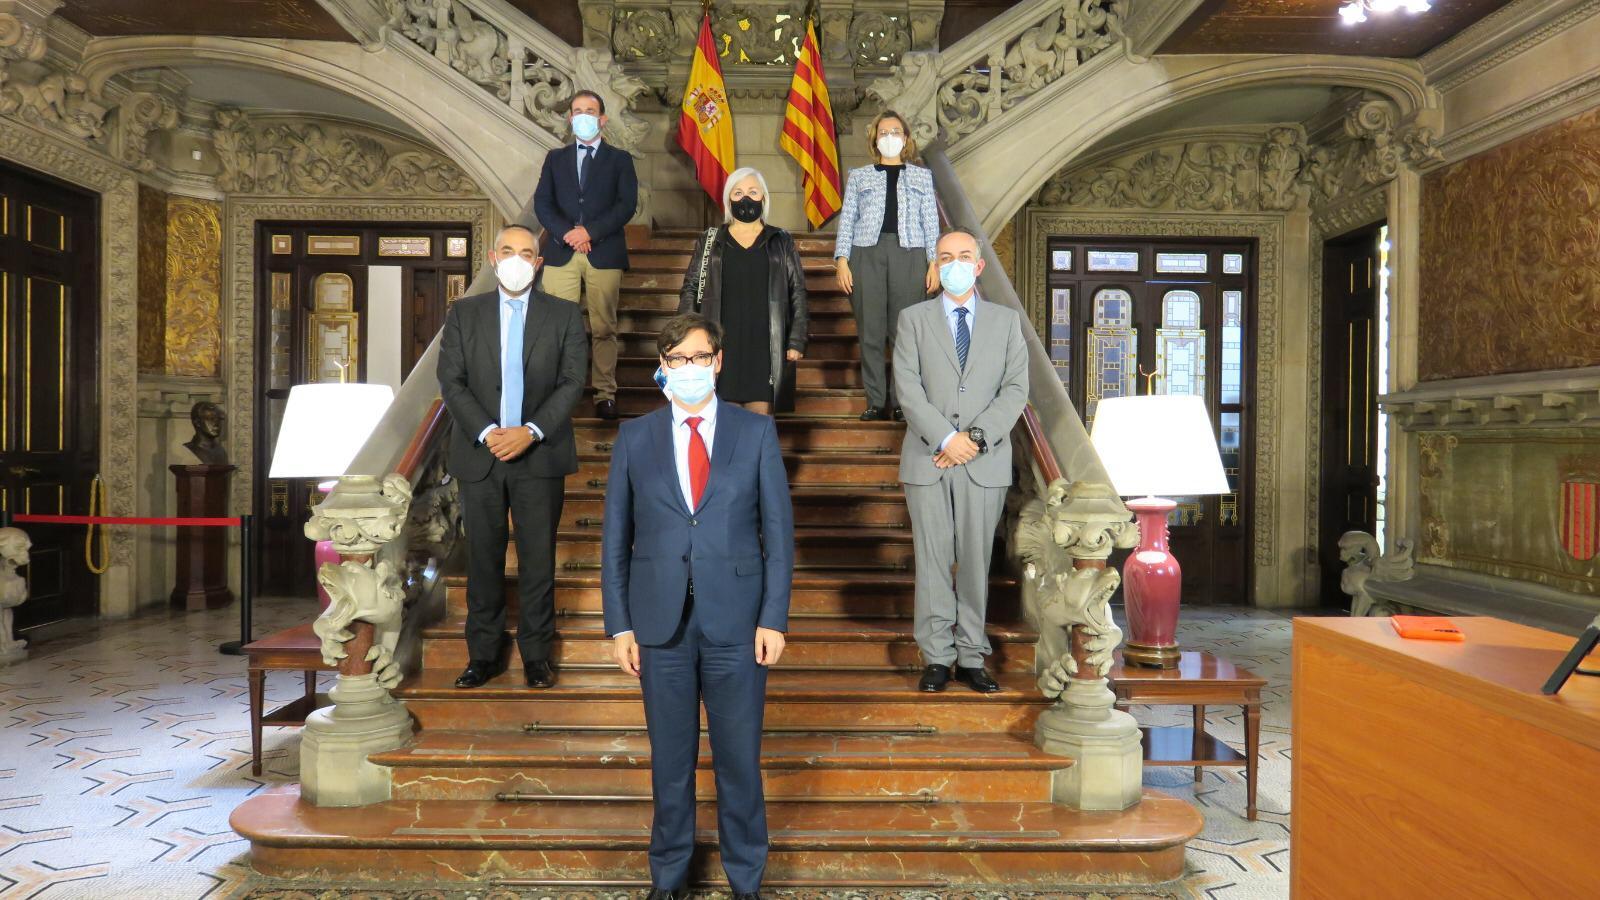 AEDACS con Salvador Illa Ministro de Sanidad. Propuestas para frenar los contagios por COVID19 en Barcelona. Delegación del Gobierno en Barcelona